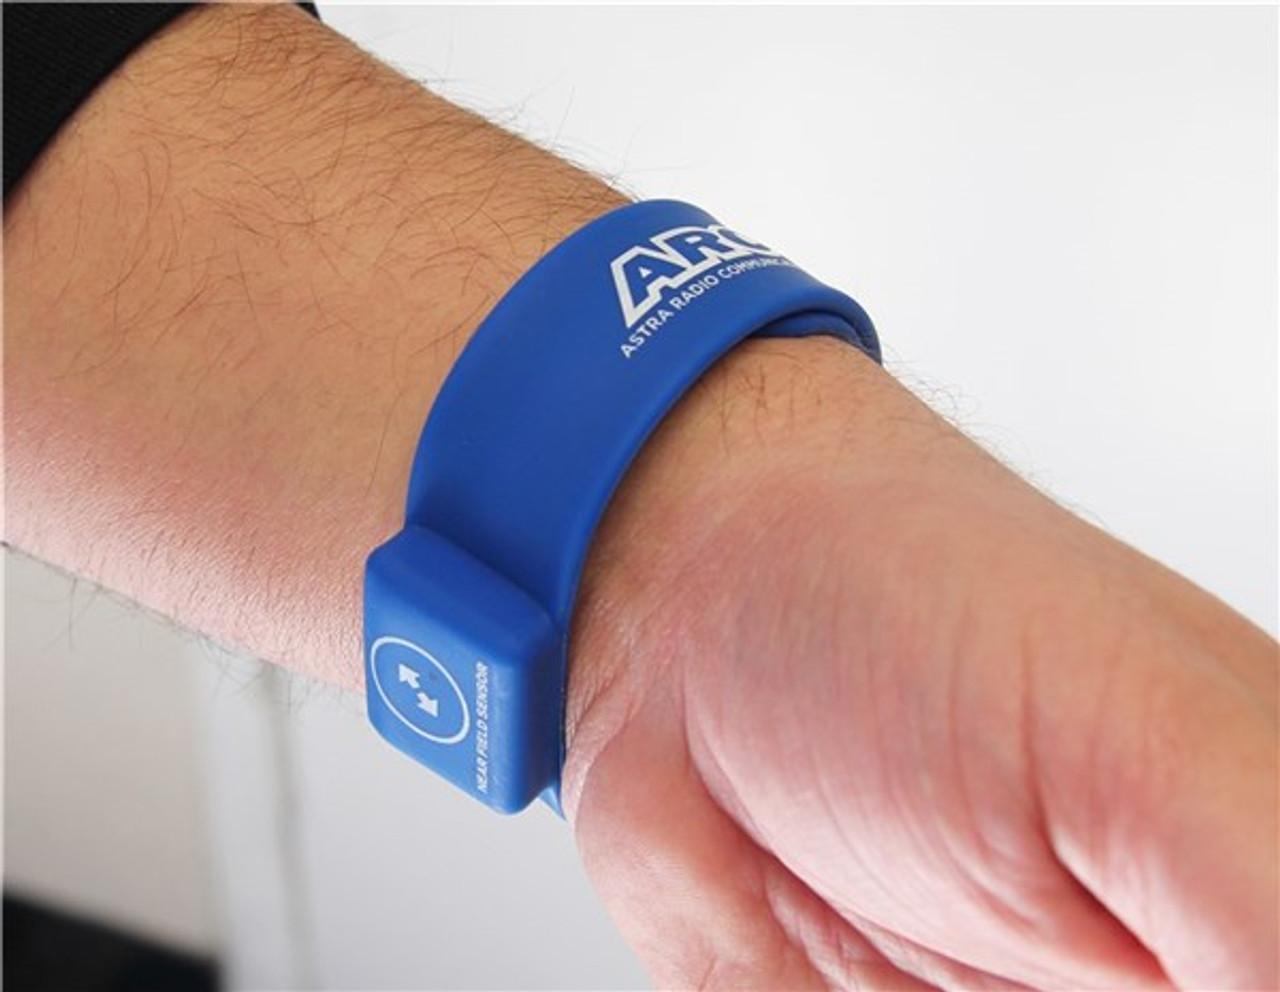 Astra G36 Touch Free Earpiece w/ NFC Wireless Bracelet